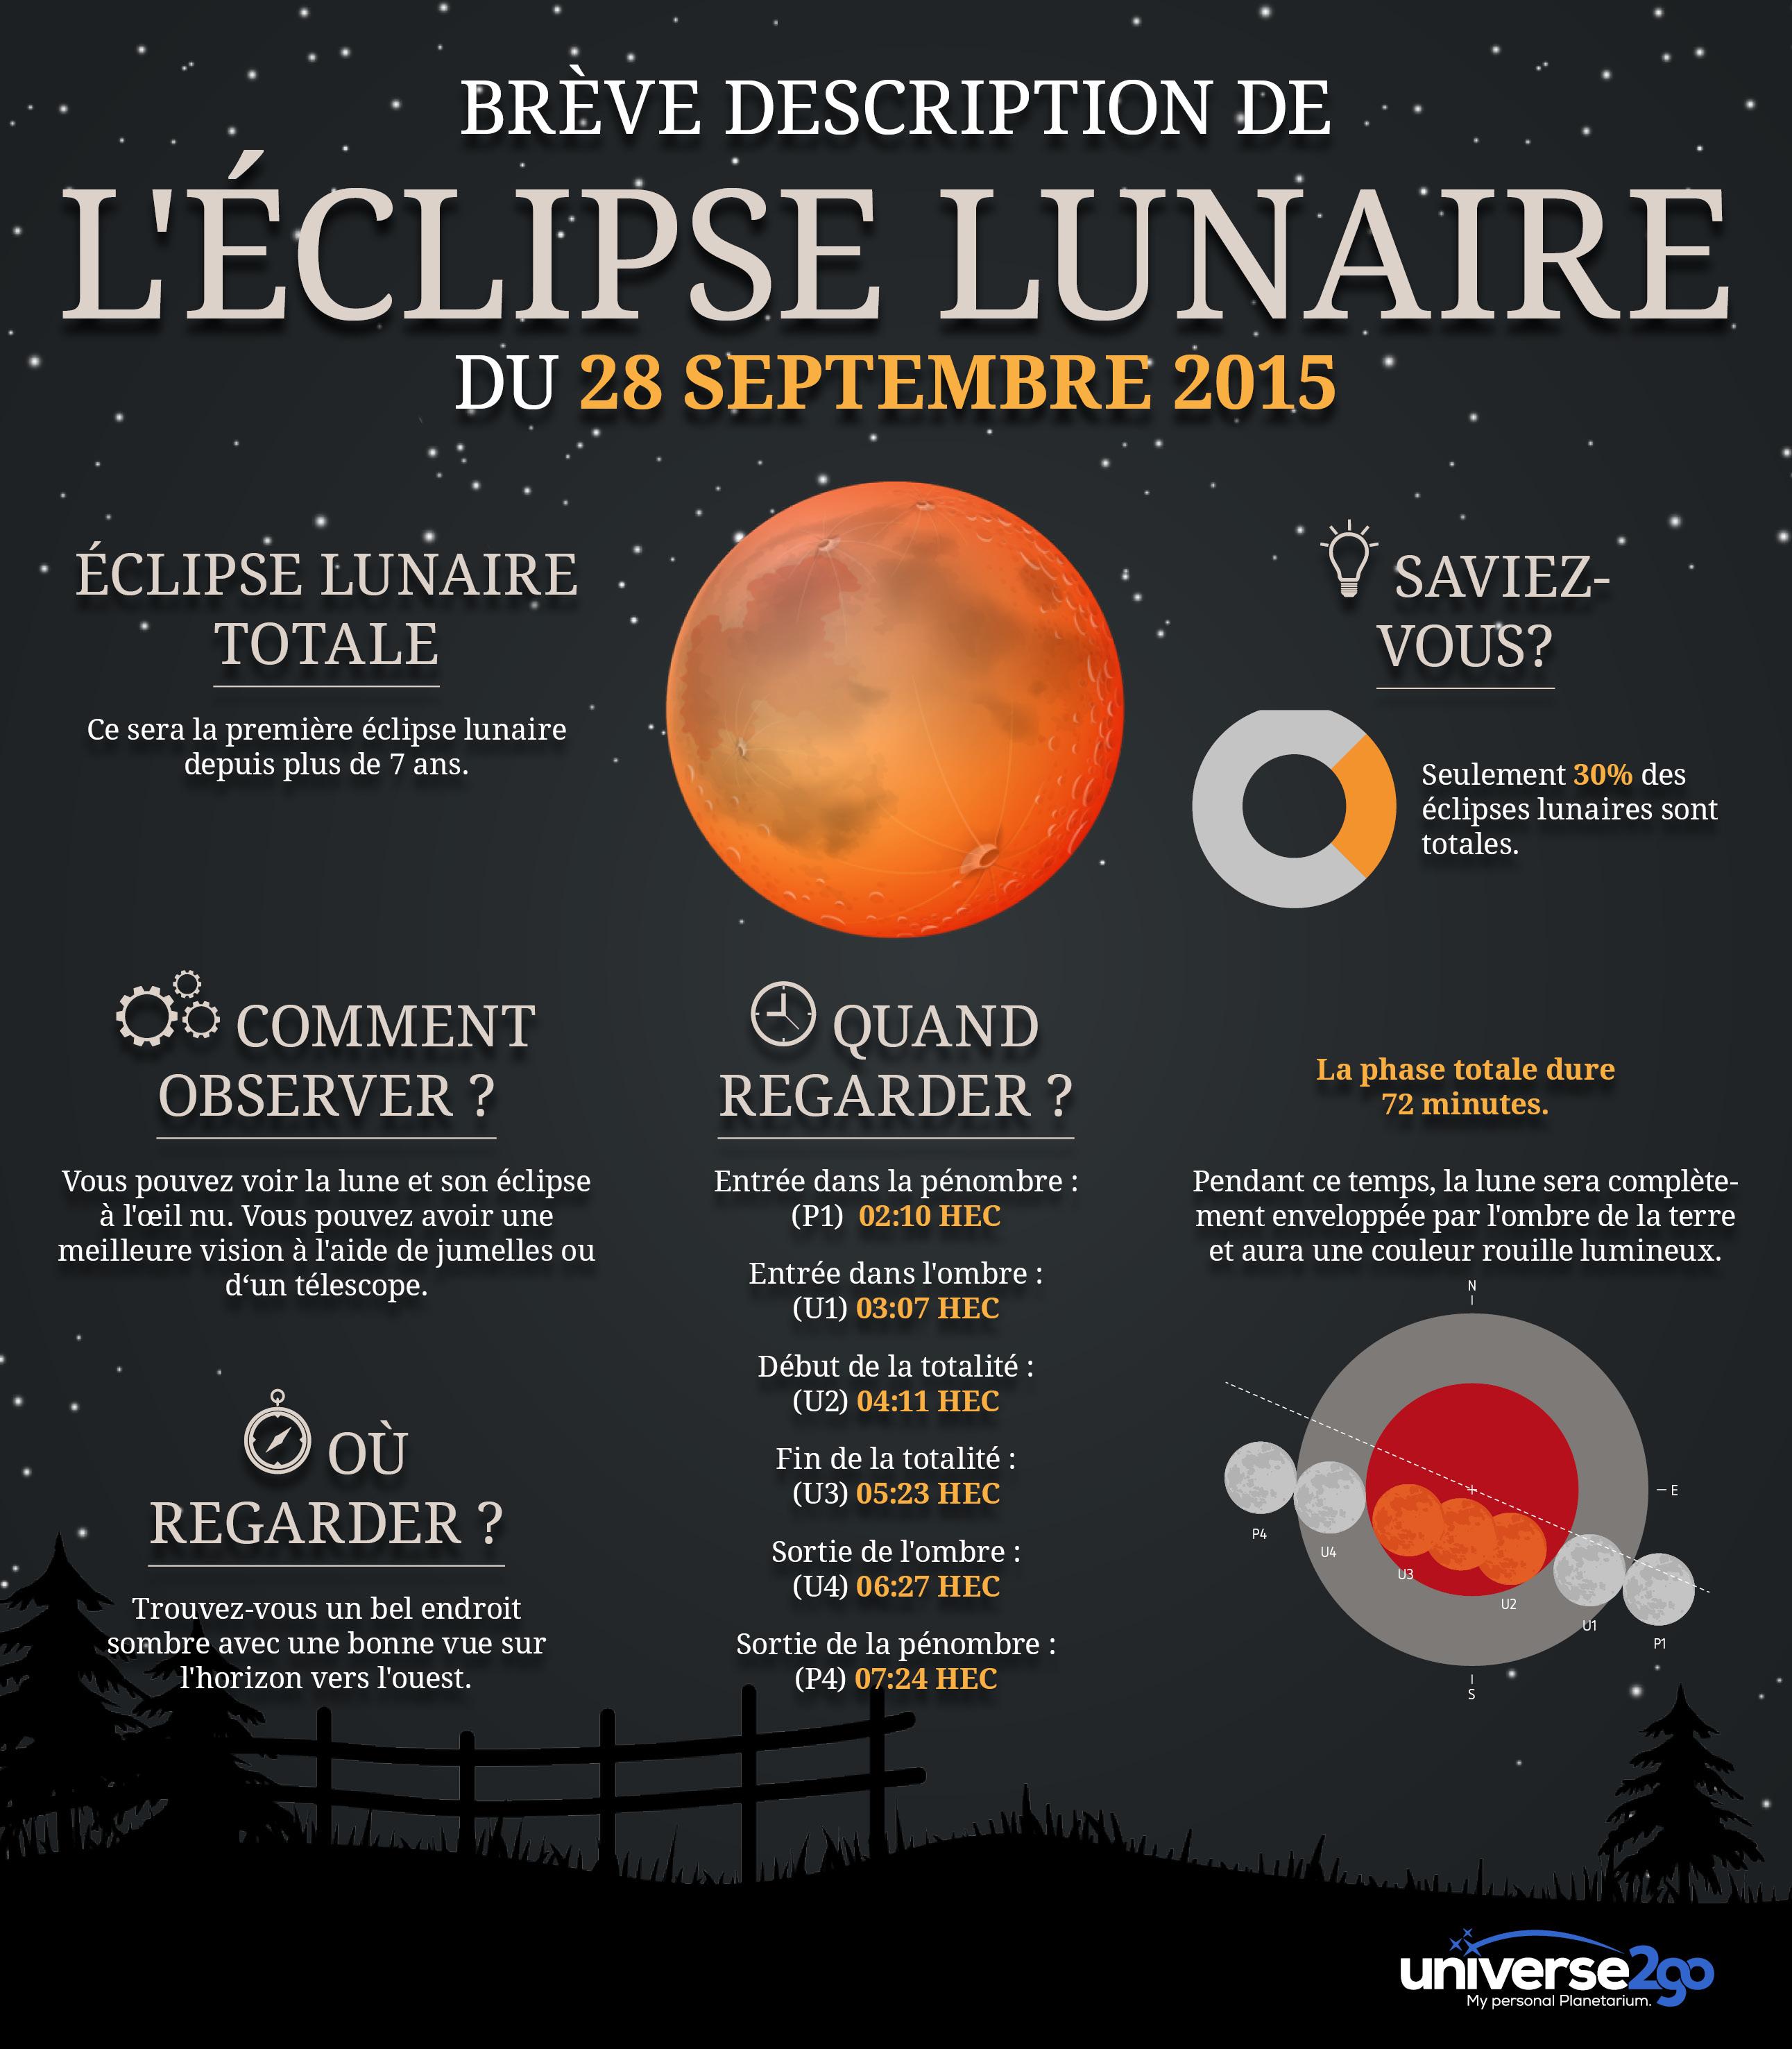 Infografie l'eclipse lunaire totale 2015